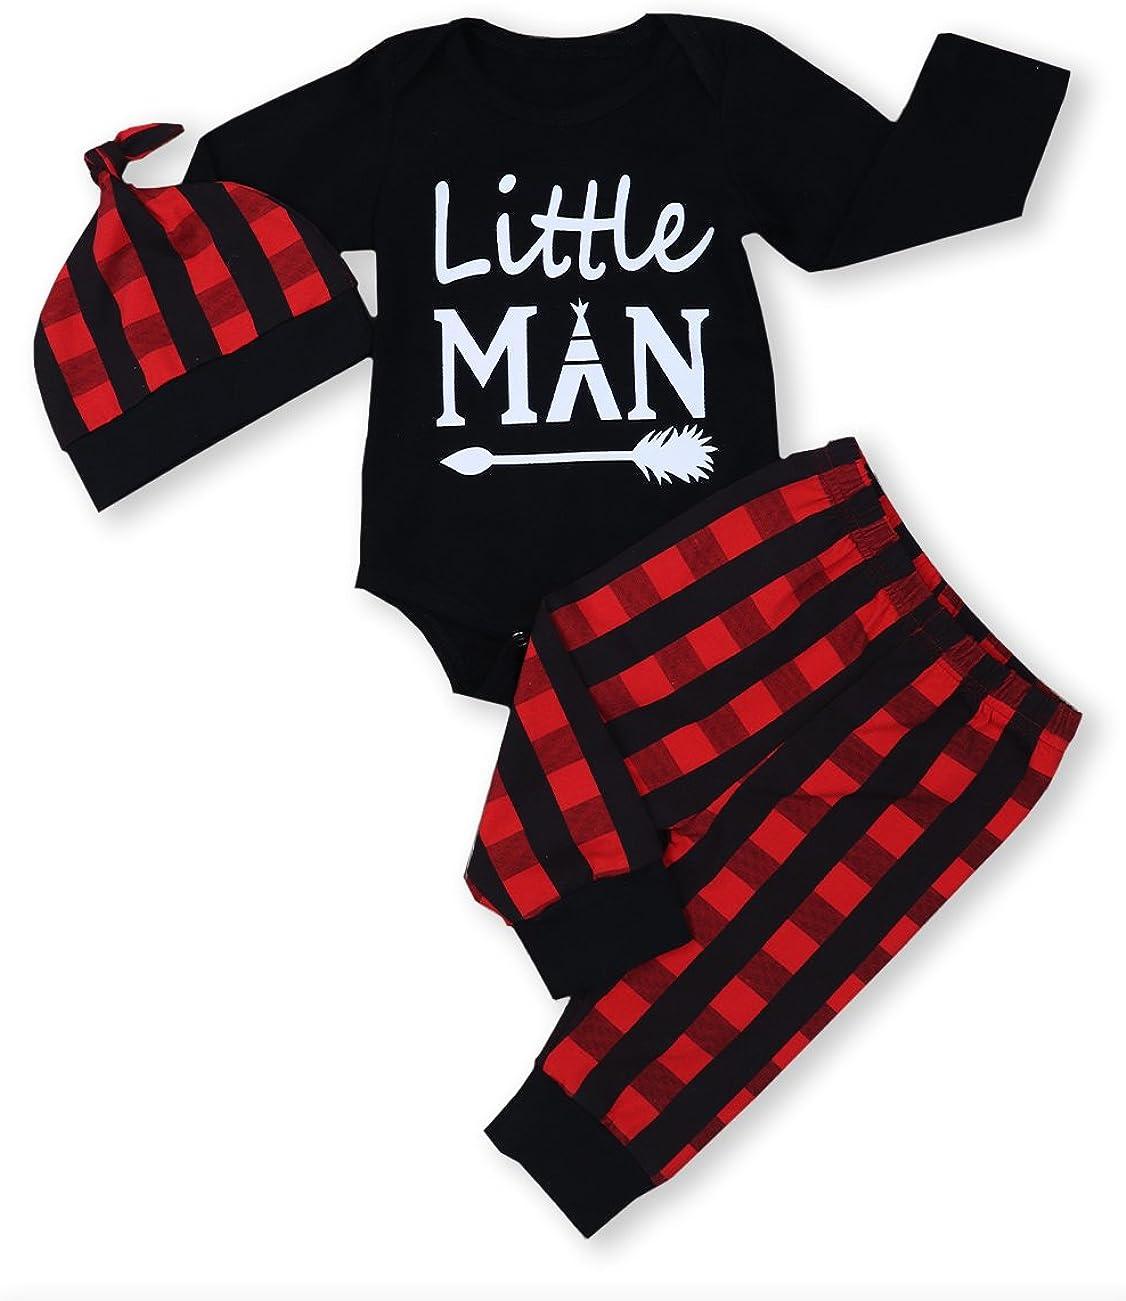 Newborn Infant Baby Boy Clothes Long Sleeve Romper,Deer Plaid Pant Little Man Hat 3Pcs Outfits Set